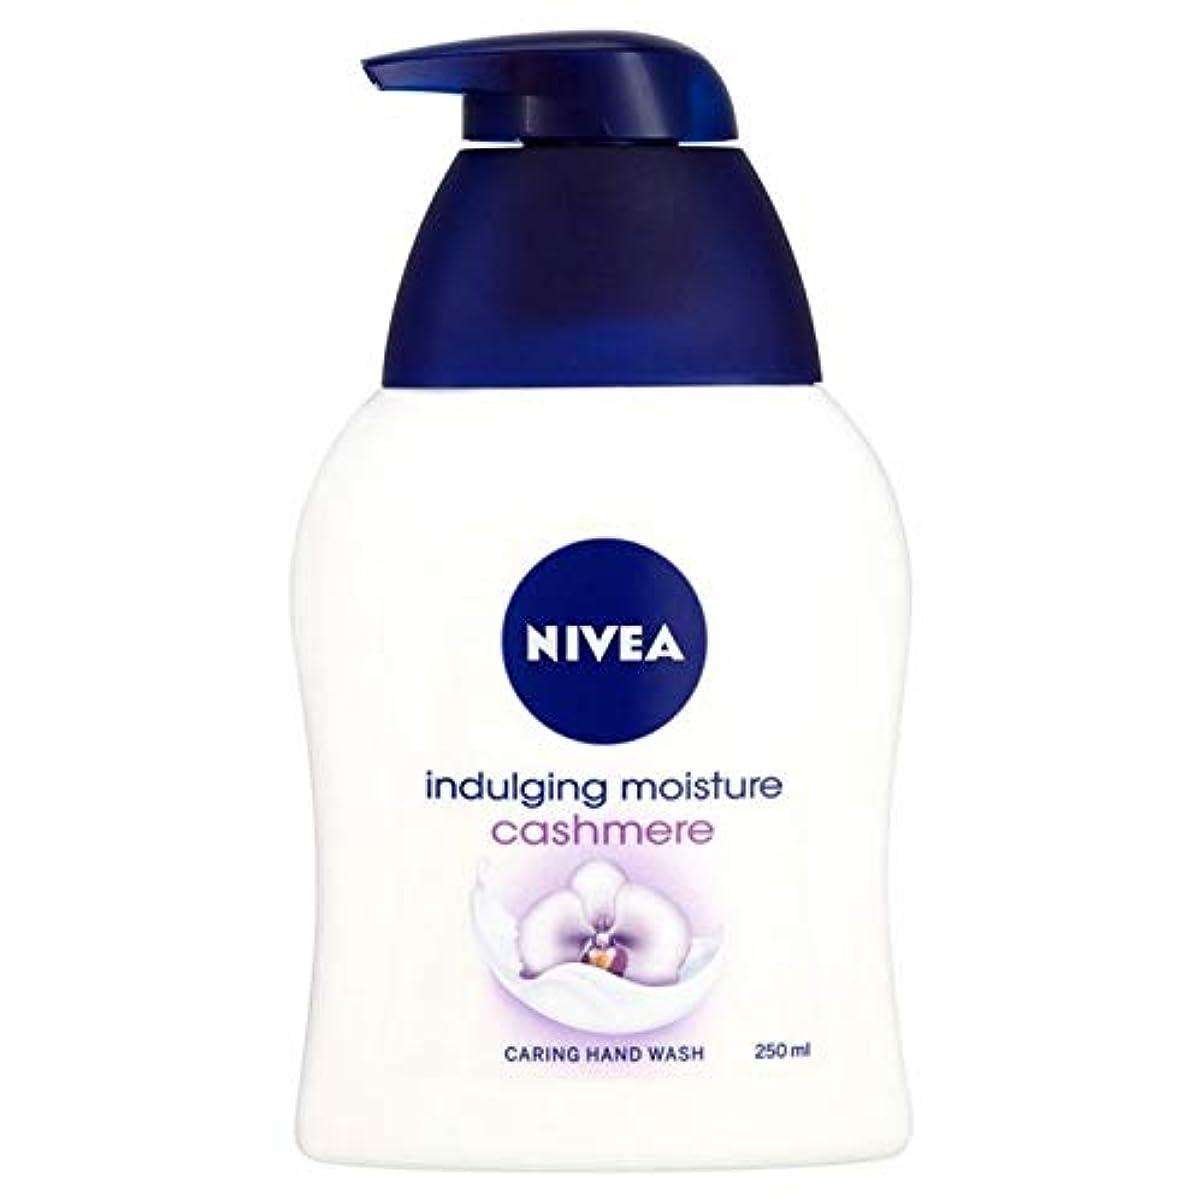 トーンクラッチ雪[Nivea ] ニベアふける水分カシミヤ思いやり手洗いの250ミリリットル - Nivea Indulging Moisture Cashmere Caring Hand Wash 250ml [並行輸入品]